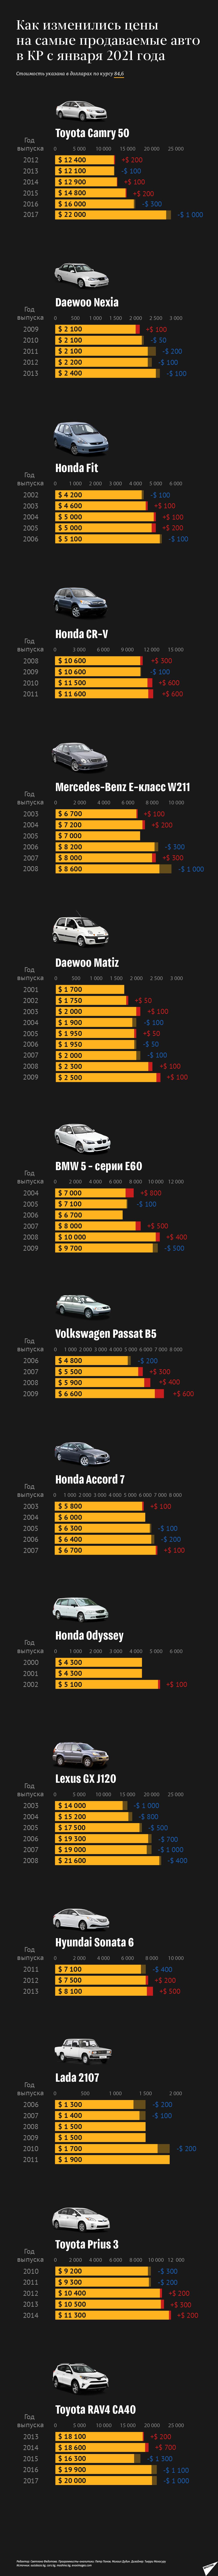 Как изменились цены  на самые продаваемые авто  в КР с января 2021 года